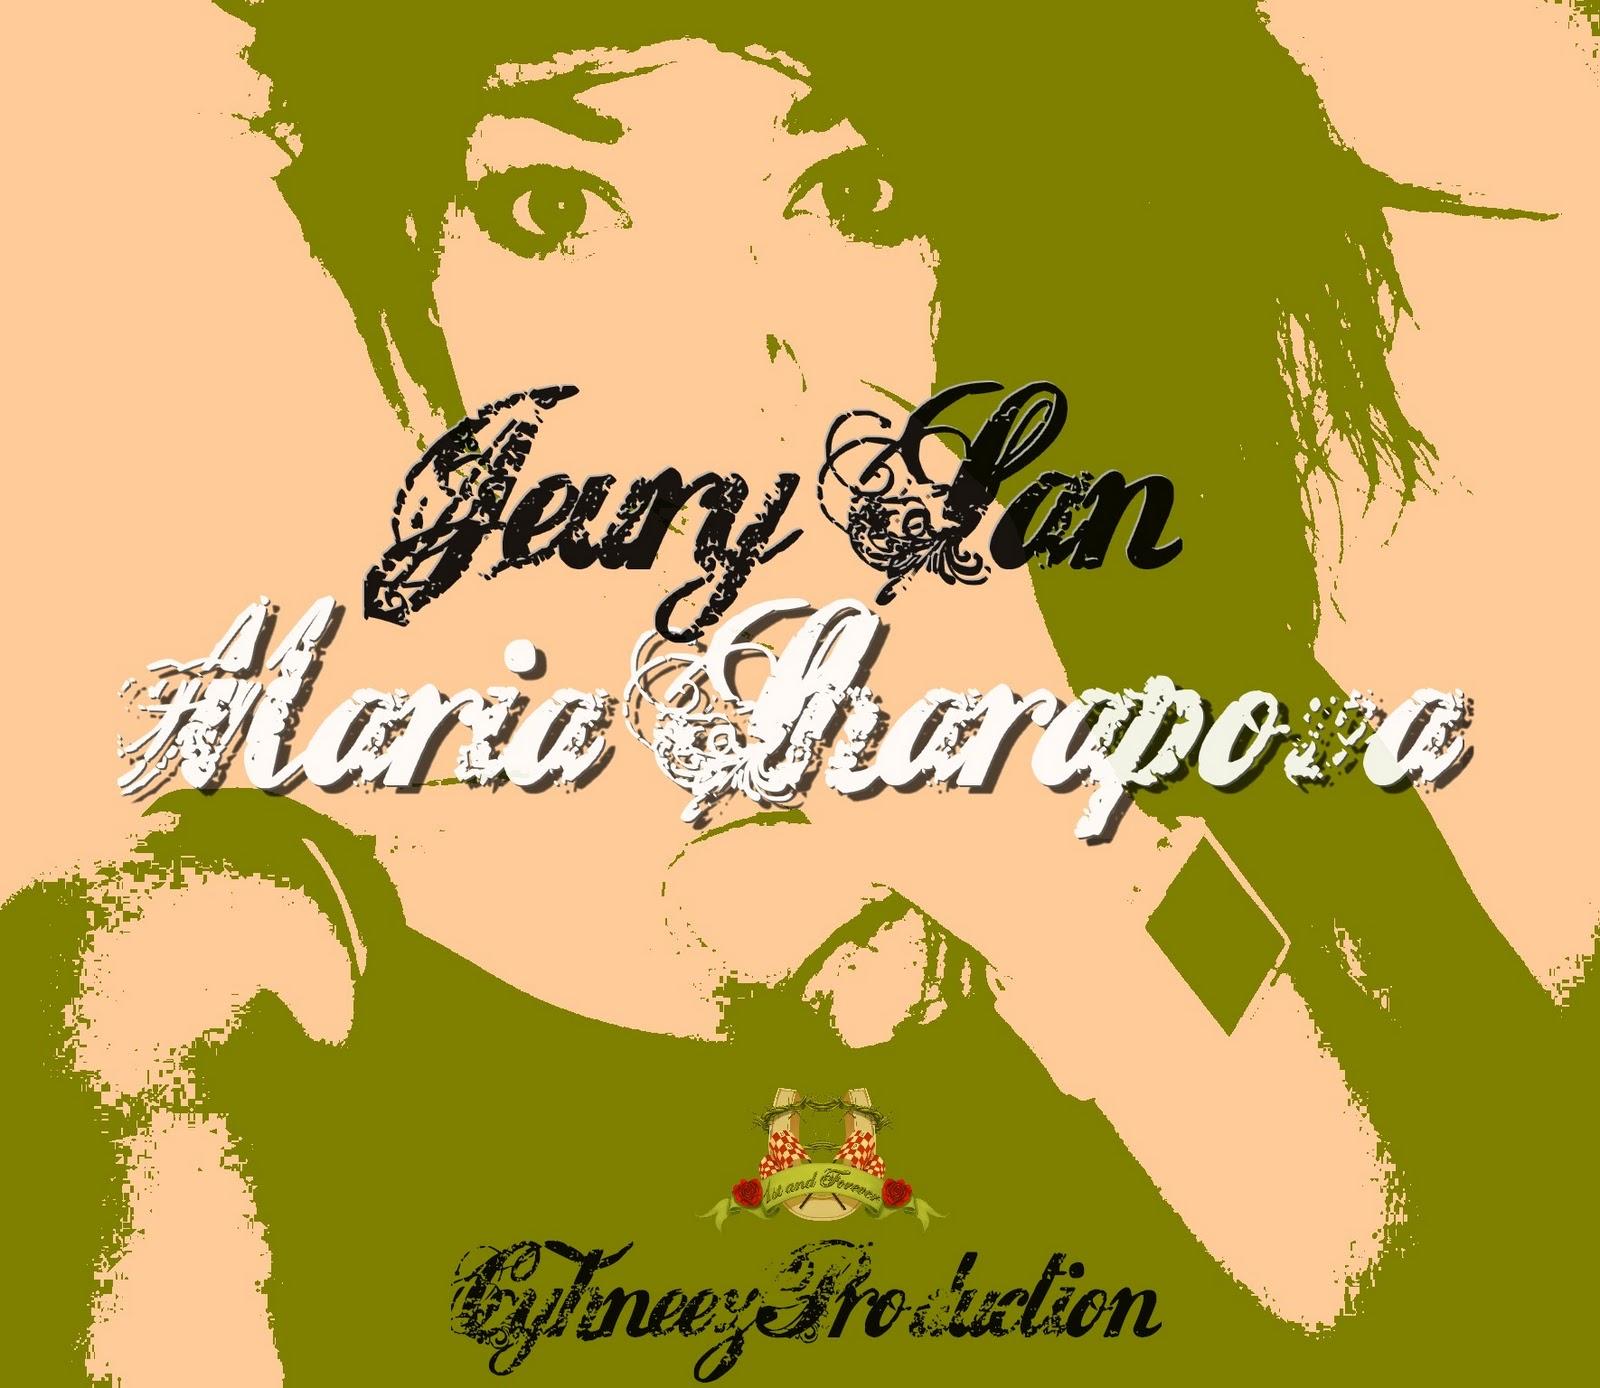 http://2.bp.blogspot.com/-00KSOIrqDDE/TwEHrNiVDdI/AAAAAAAABRM/CumpKFUePmw/s1600/Maria+Sharapova.jpg